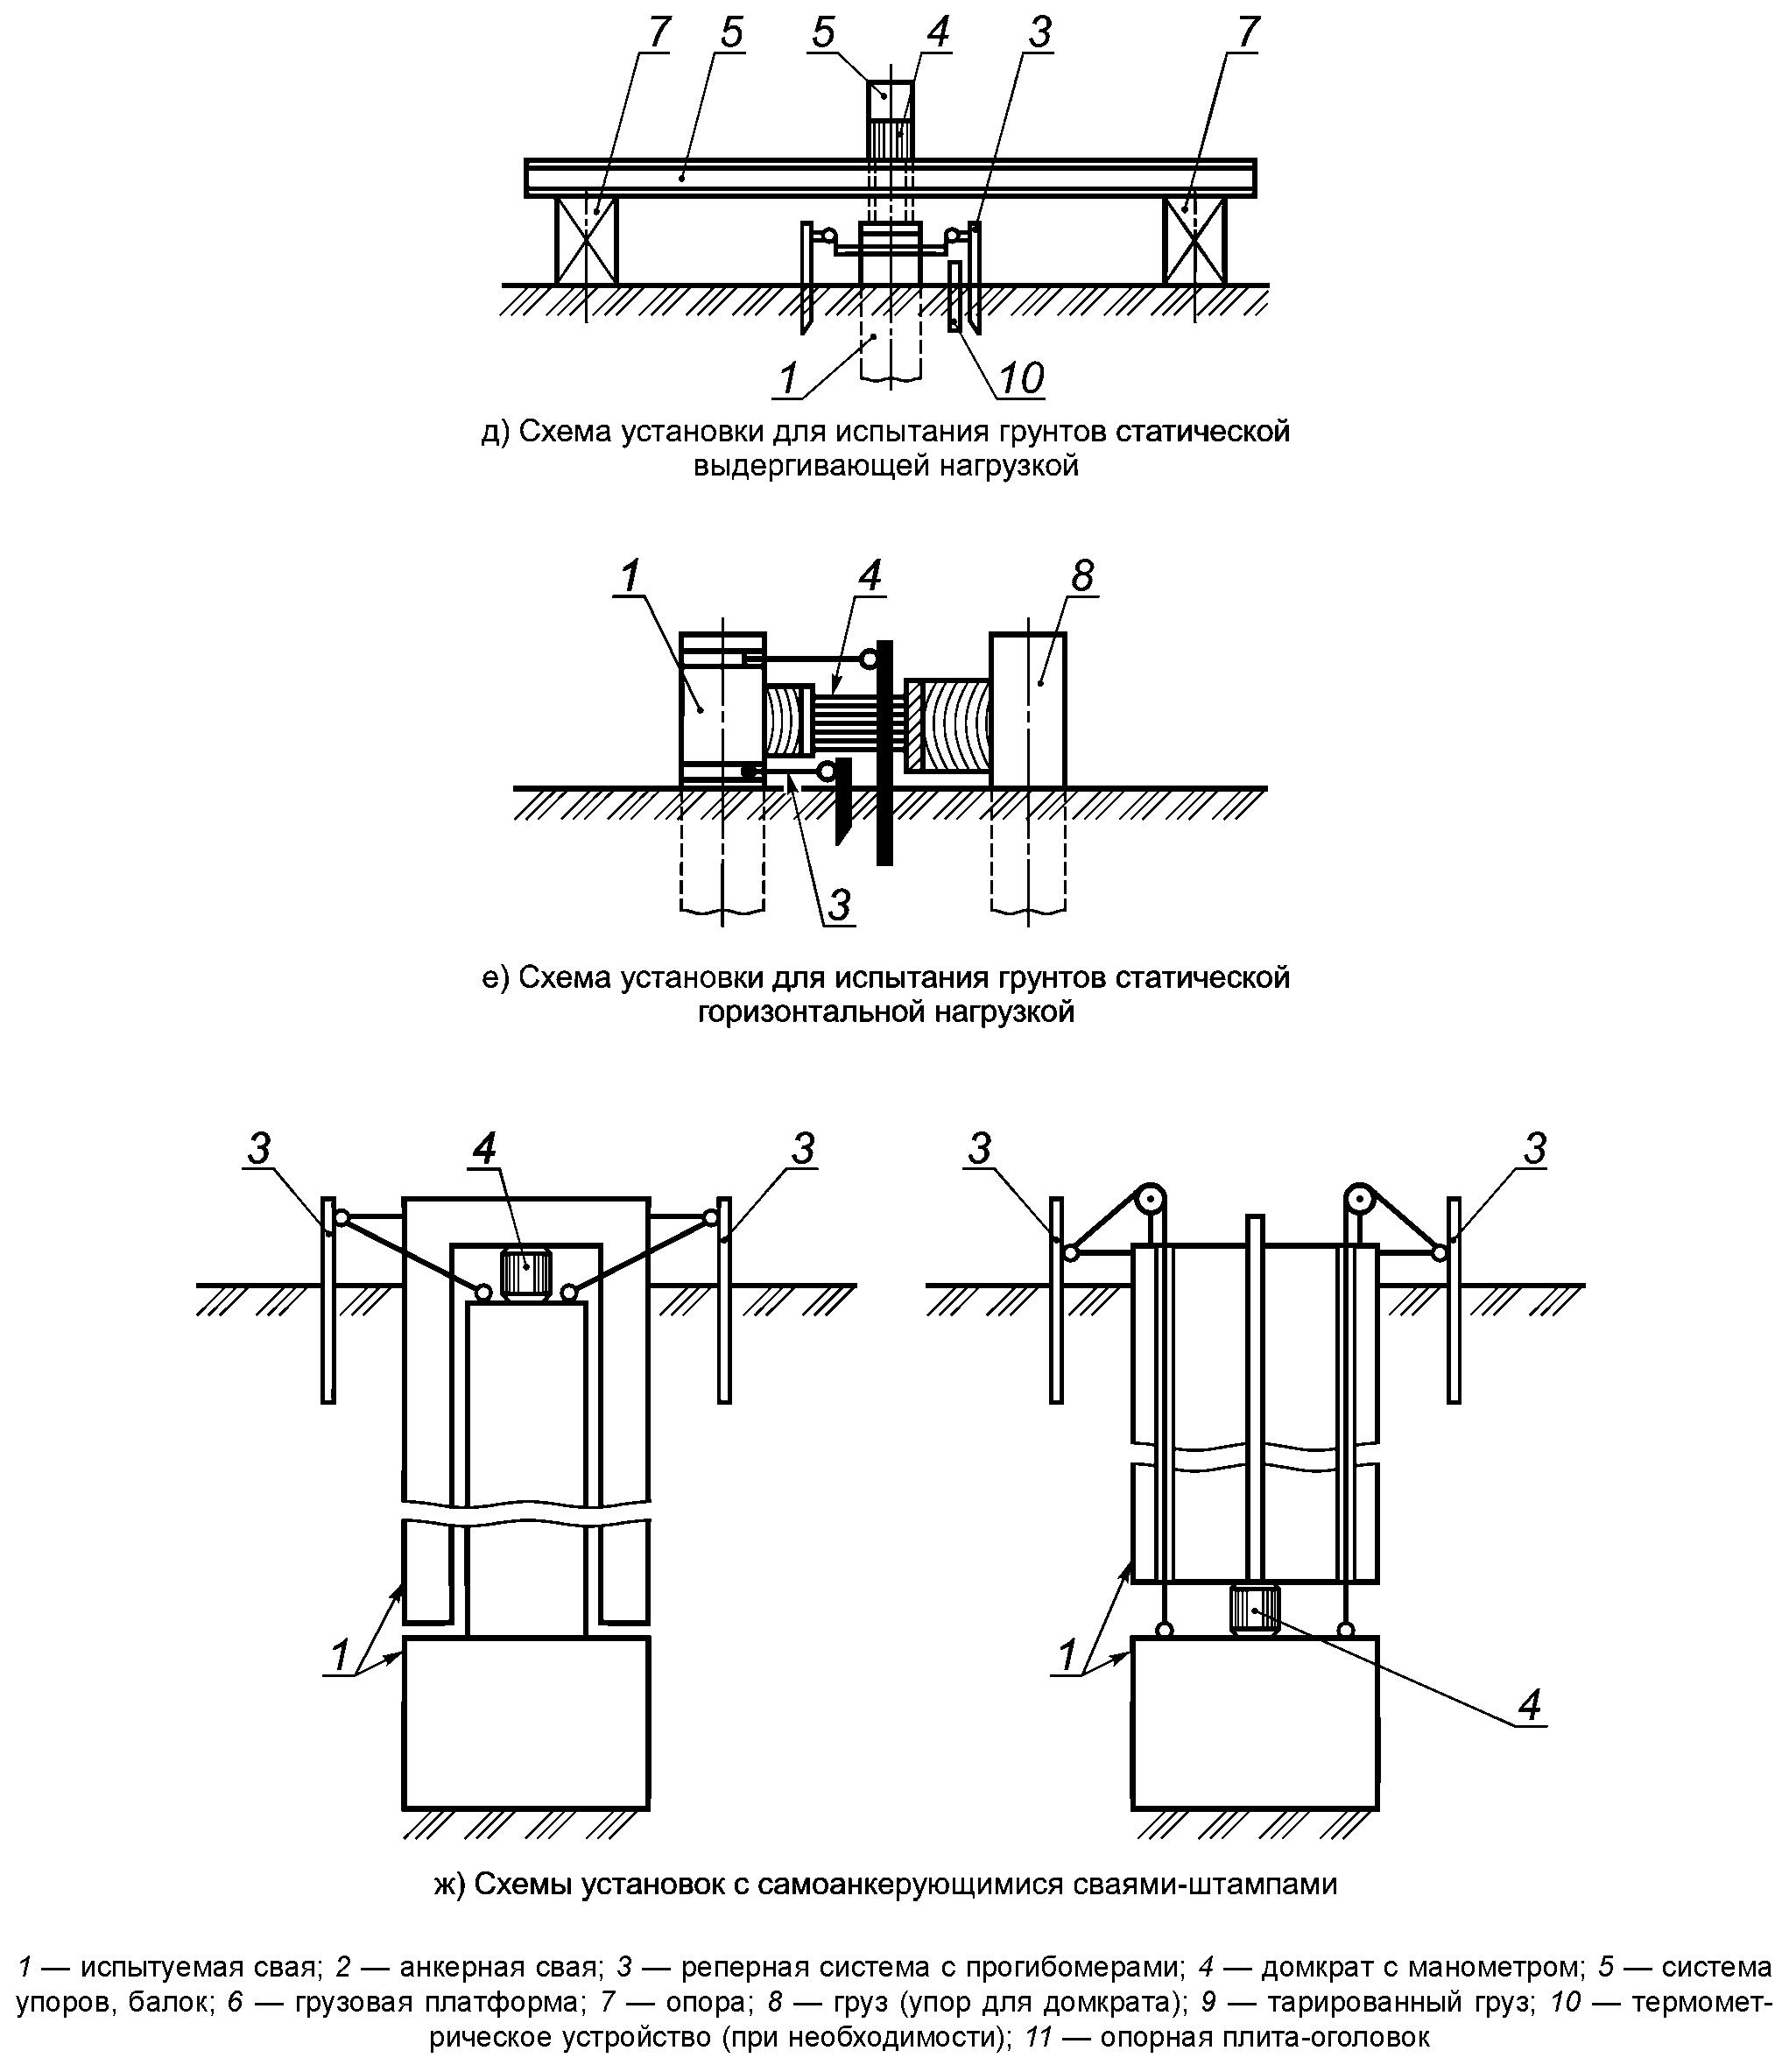 Схемы установок для испытаний грунтов сваями. Рисунок 2